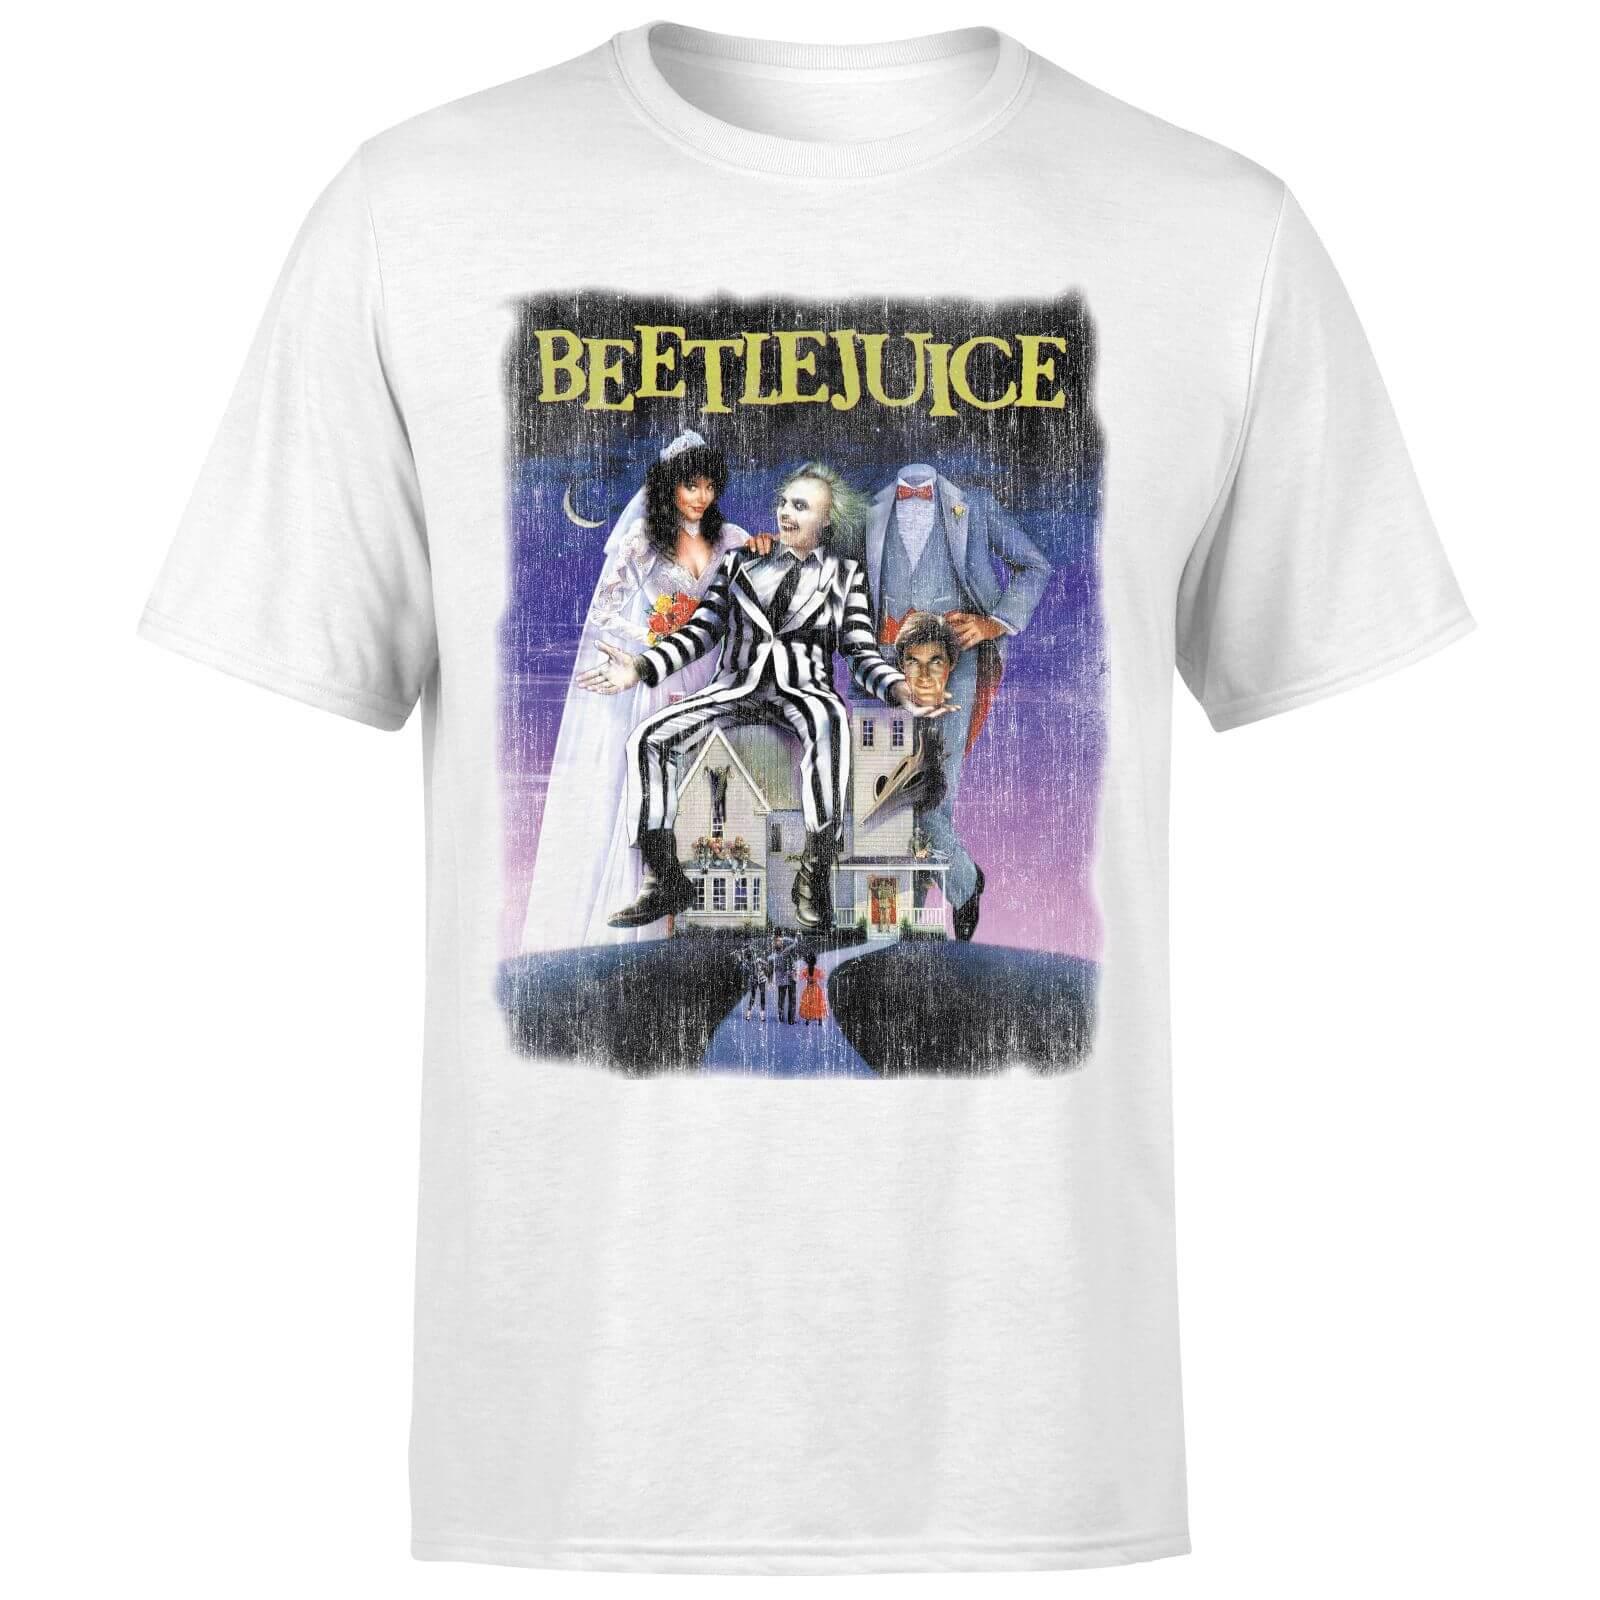 Beetlejuice T-Shirt Homme Affiche Abîmée Beetlejuice - Blanc - L - Blanc